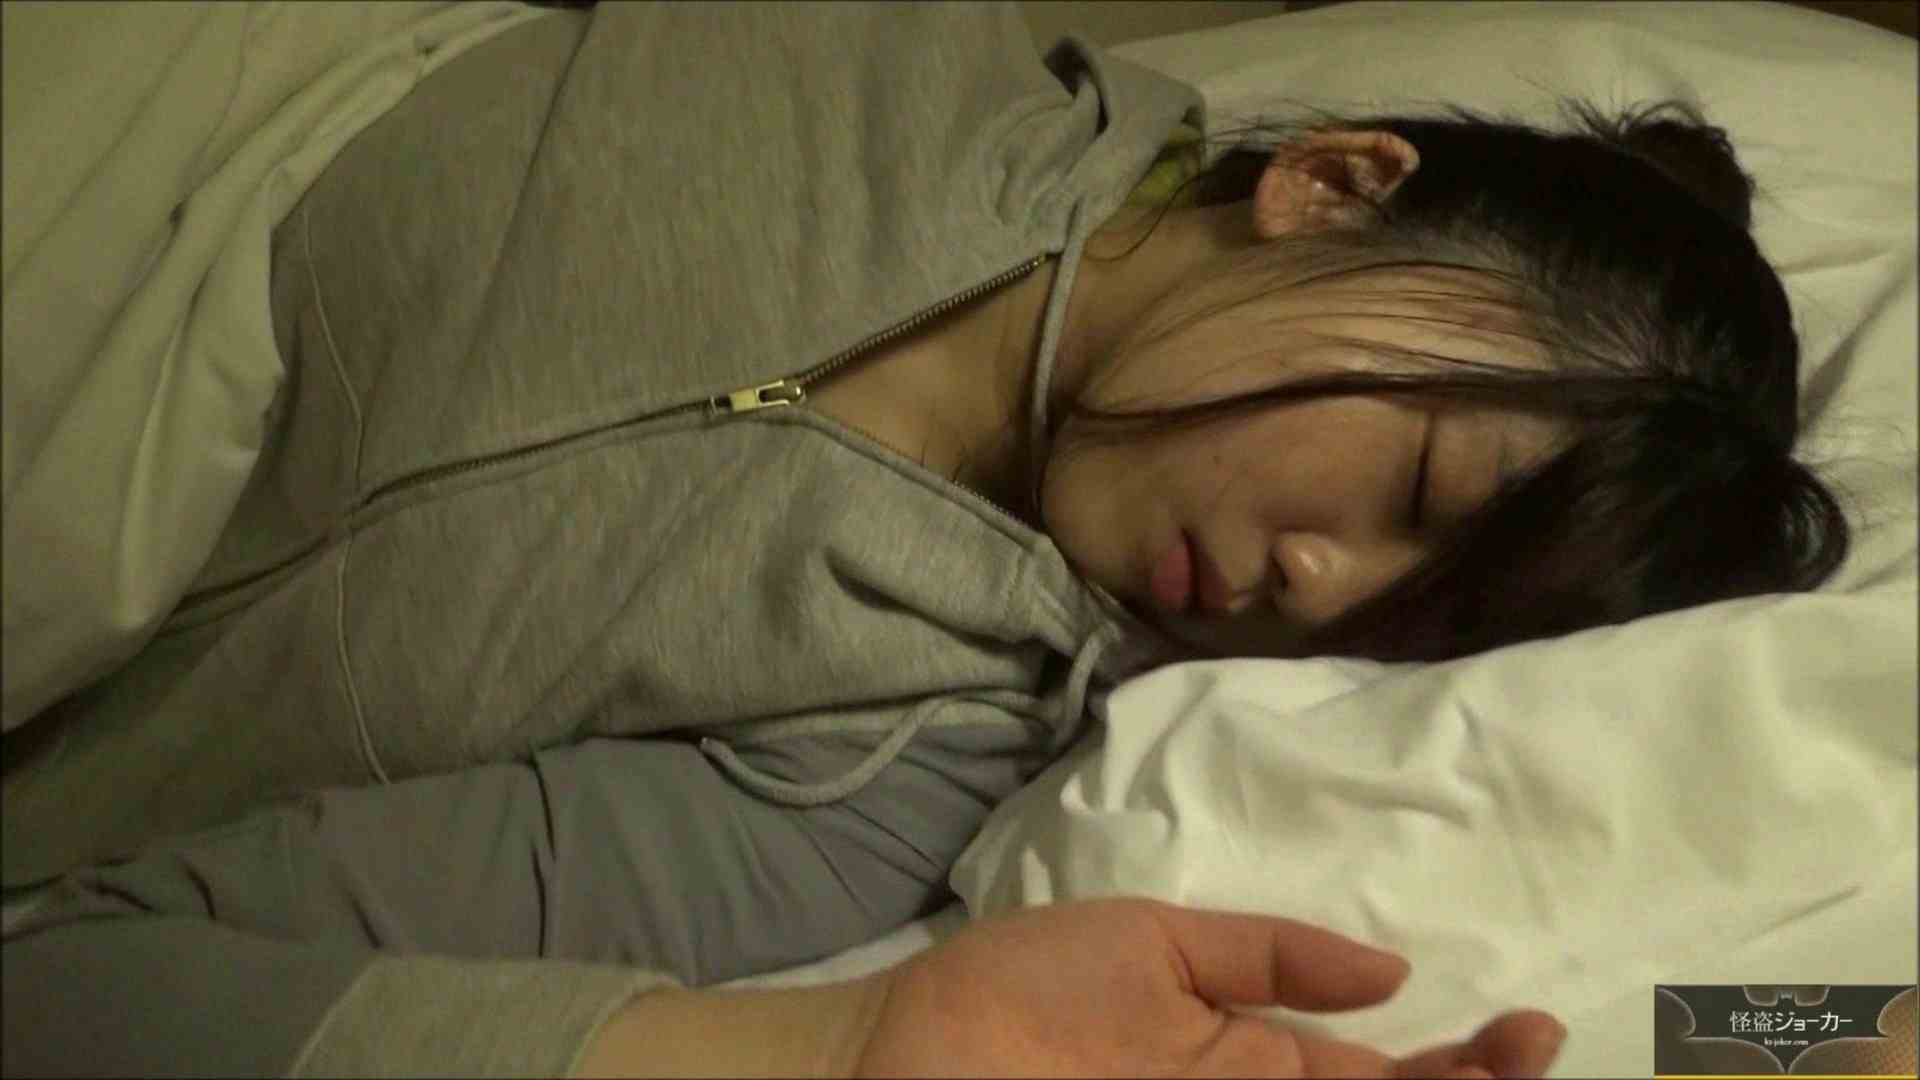 【未公開】vol.75 {関東某有名お嬢様JD}yuunaちゃん① ホテル  66Pix 21